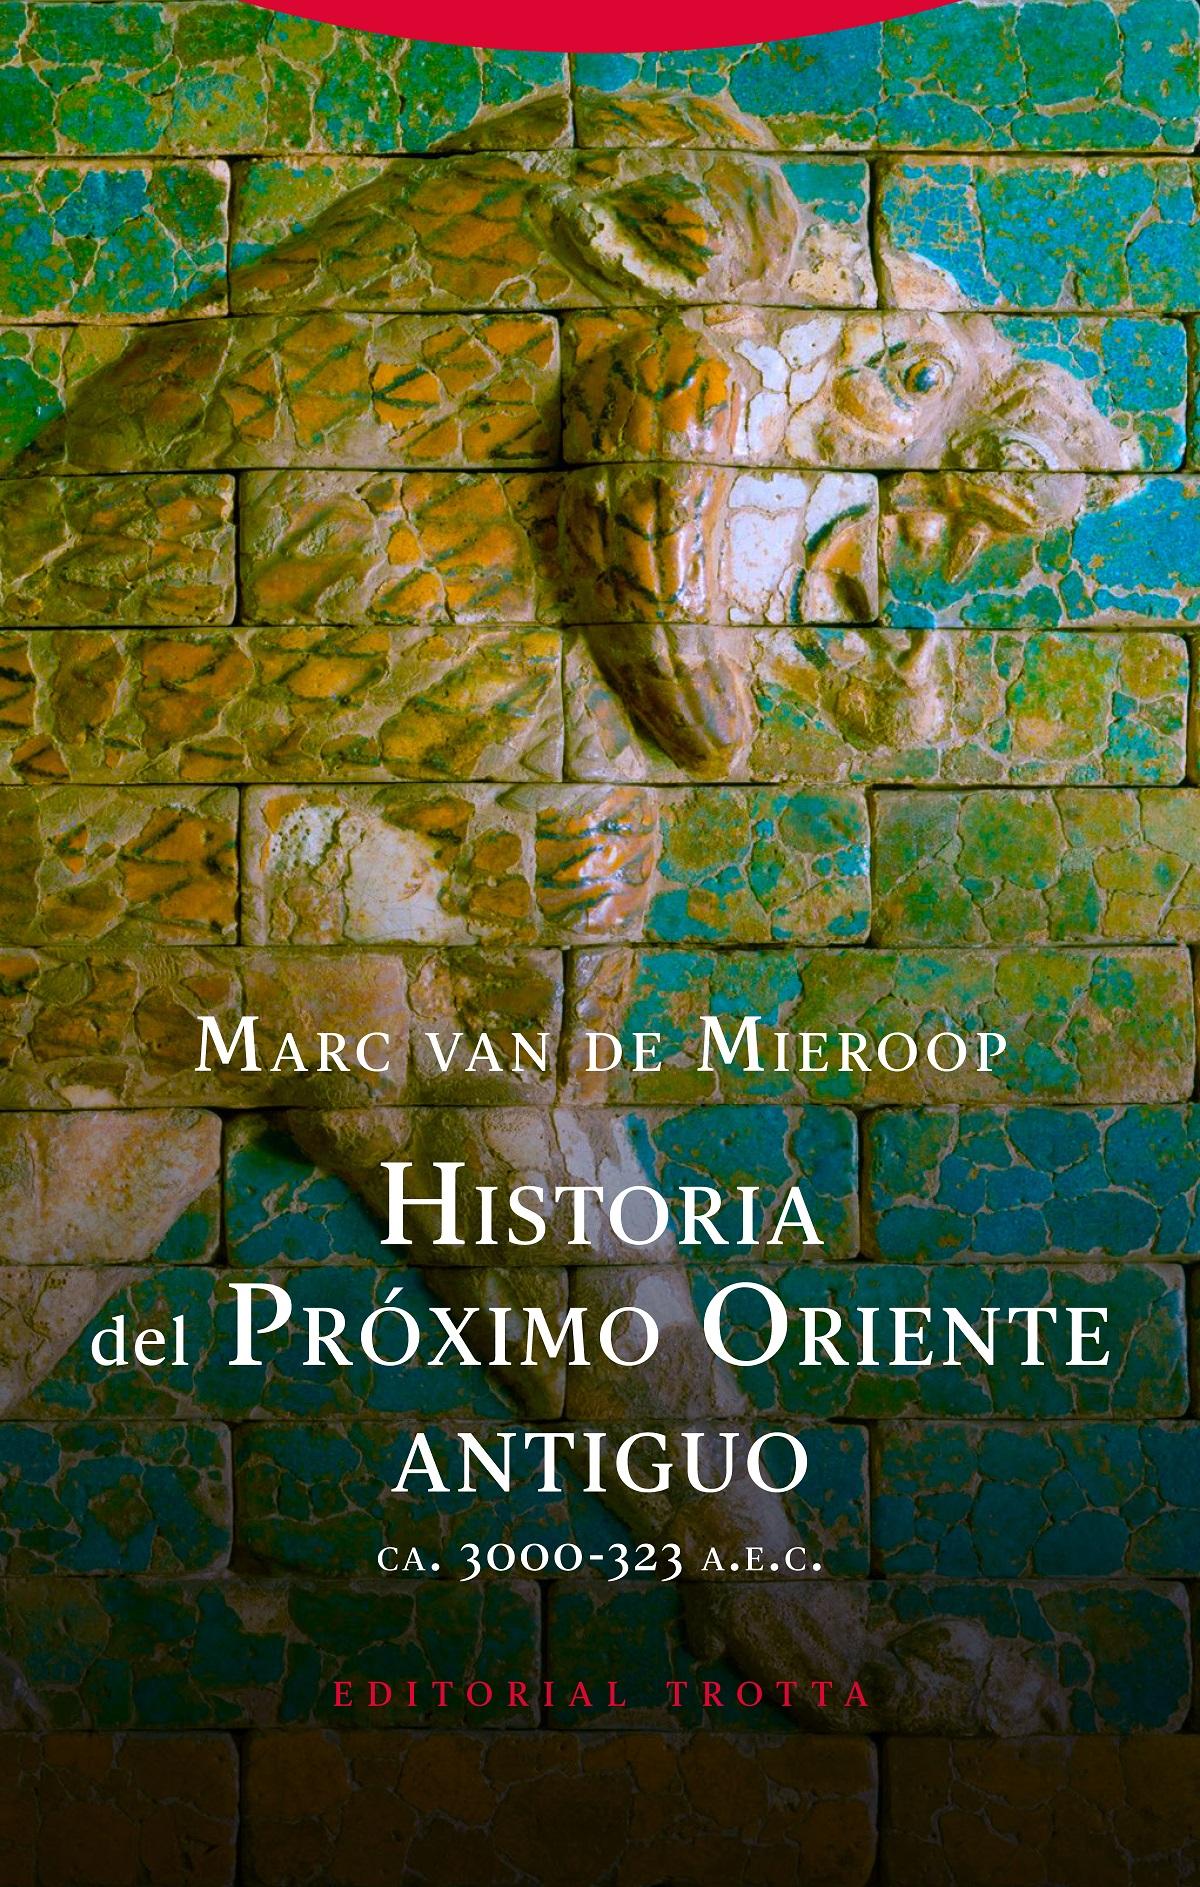 Historia del Próximo Oriente antiguo   «(ca. 3000-323 a.n.e.)»